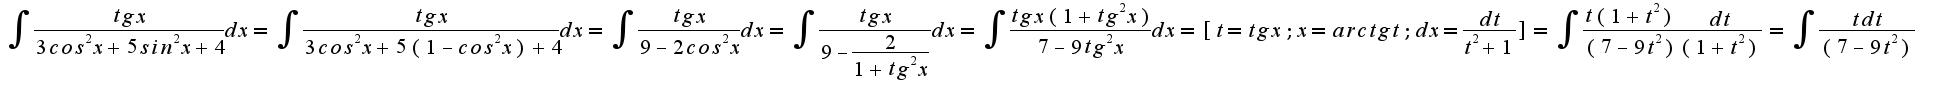 $ \int_{}^{}{\frac{tg x}{3cos^2 x +5 sin^2 x +4}dx}= \int_{}^{}{\frac{tg x}{3cos^2 x +5 (1-cos^2 x) +4}dx} = \int_{}^{}{\frac{tg x}{9-2cos^2 x}dx} = \int_{}^{}{\frac{tg x}{9-\frac{2}{1+tg^2 x}}dx} = \int_{}^{}{\frac{tg x(1+tg^2 x)}{7-9tg^2 x}dx} = [t=tg x;  x=arctg t;  dx=\frac{dt}{t^2+1}]= \int_{}^{}{\frac{t(1+t^2)}{(7-9t^2)} \frac{dt}{(1+t^2)}} = \int_{}^{}{\frac{tdt}{(7-9t^2)} }$